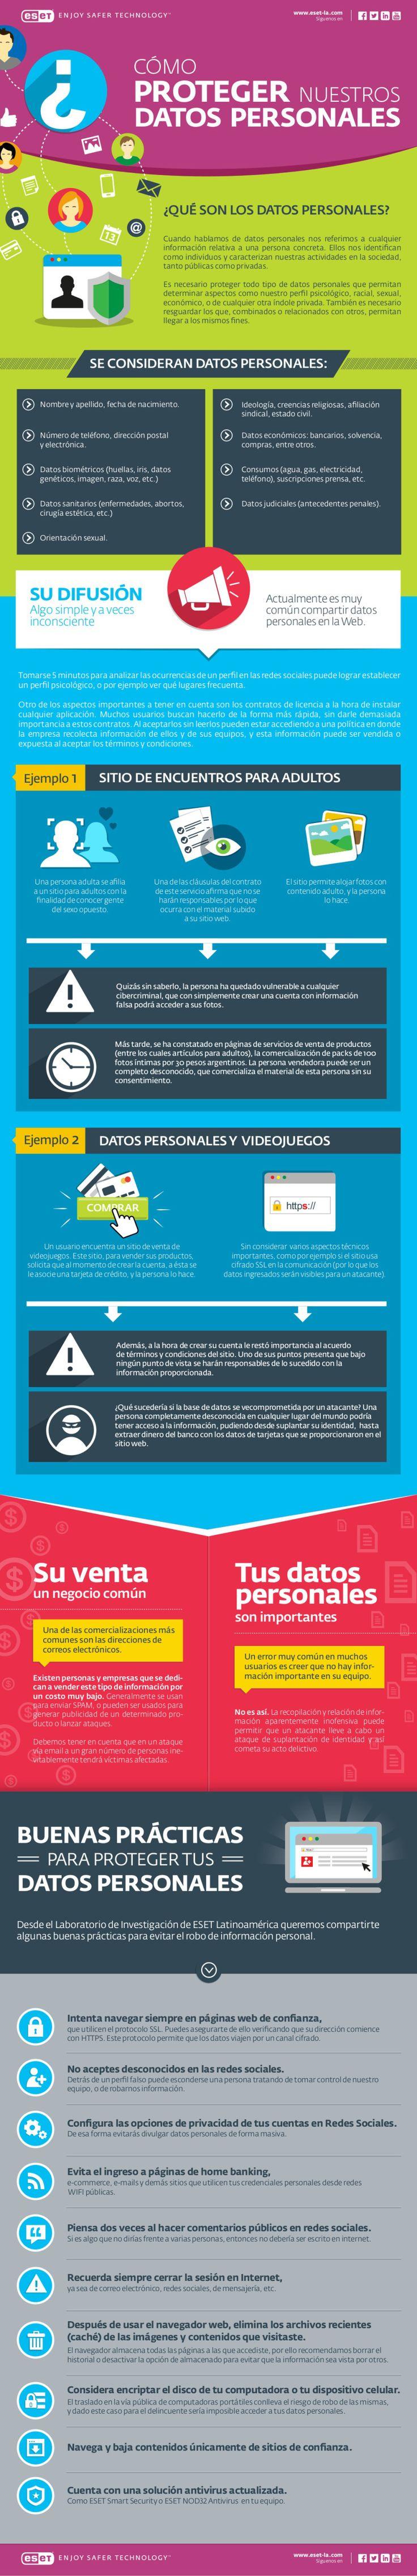 Cómo proteger nuestros datos personales #infografia #infographic #internet   TICs y Formación